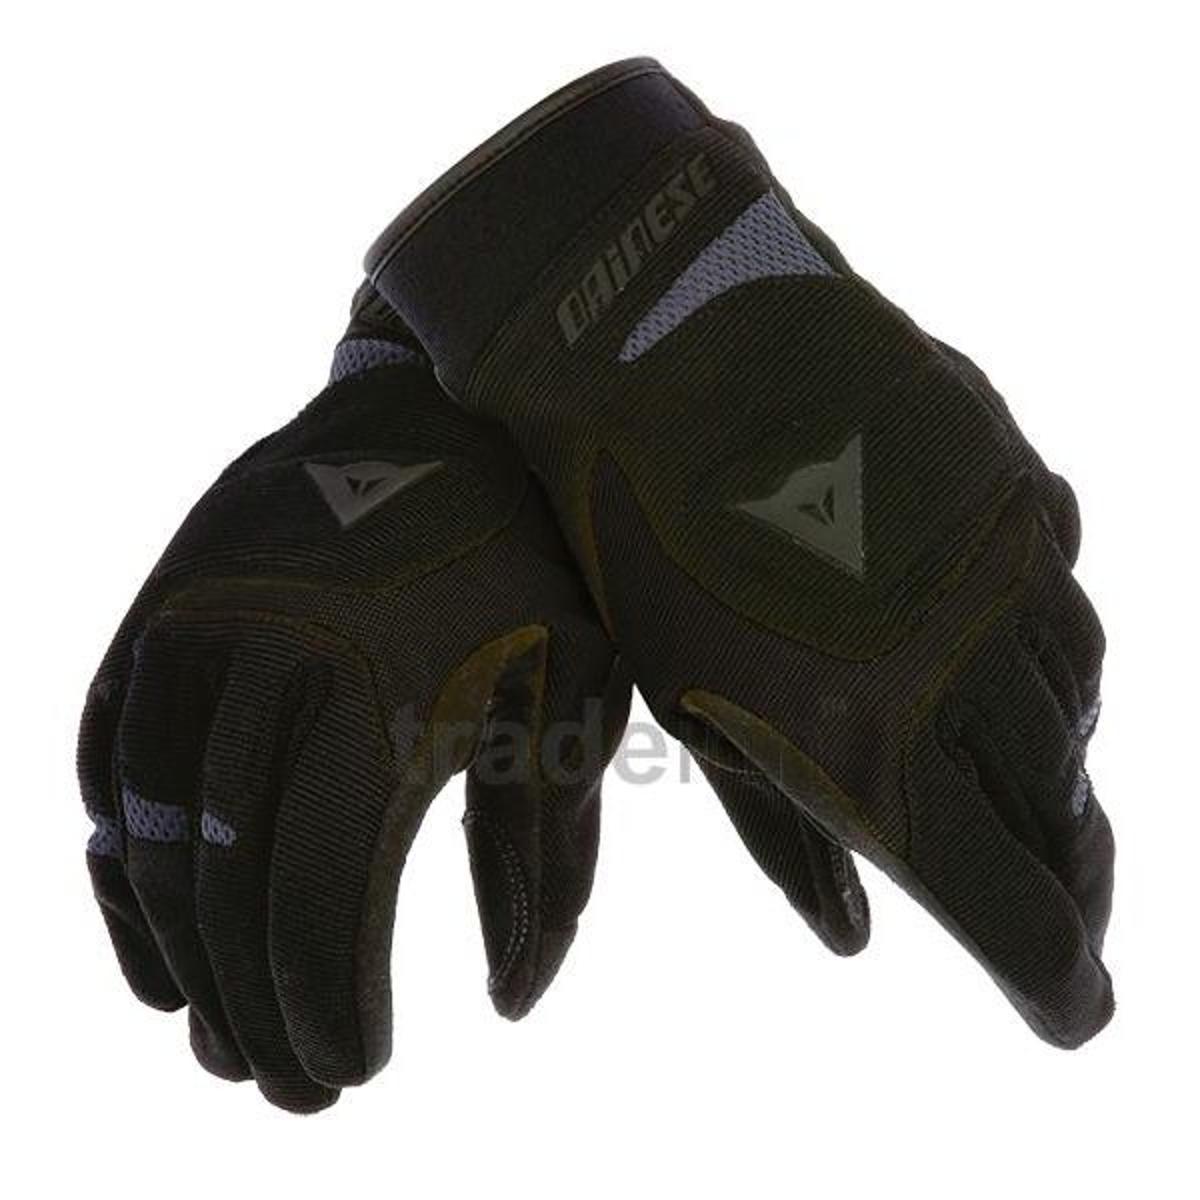 Urbain homme Dainese Desert Poon Gloves